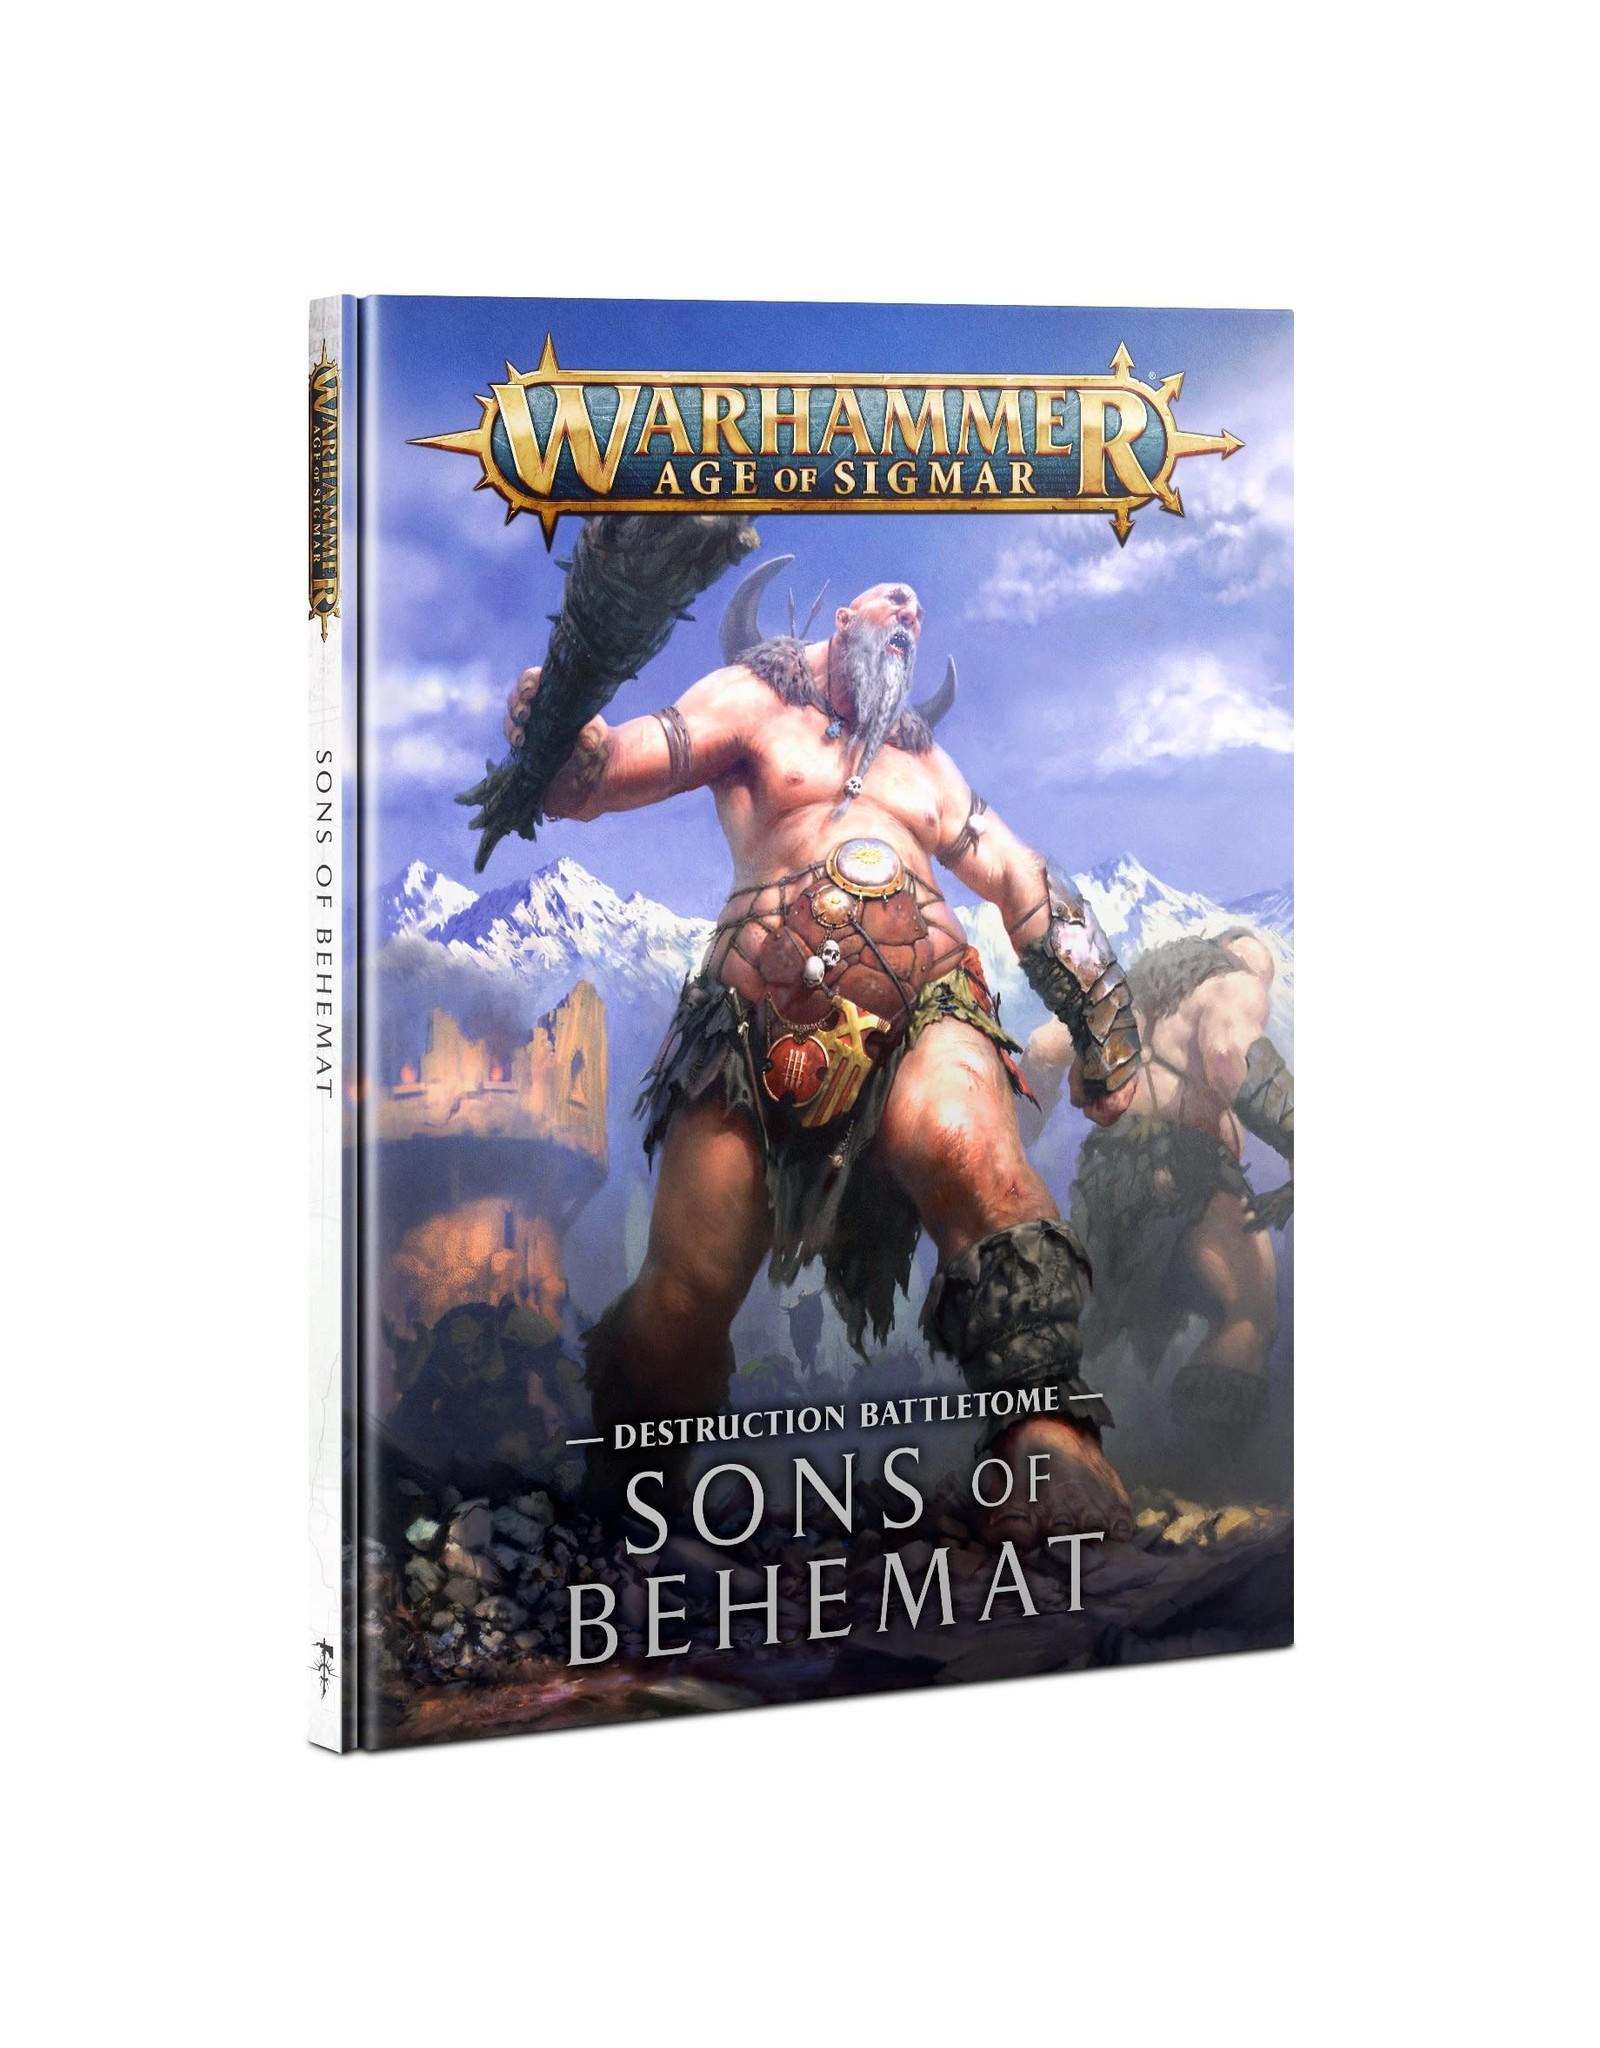 Games Workshop AoS Battletome: Sons of Behemat